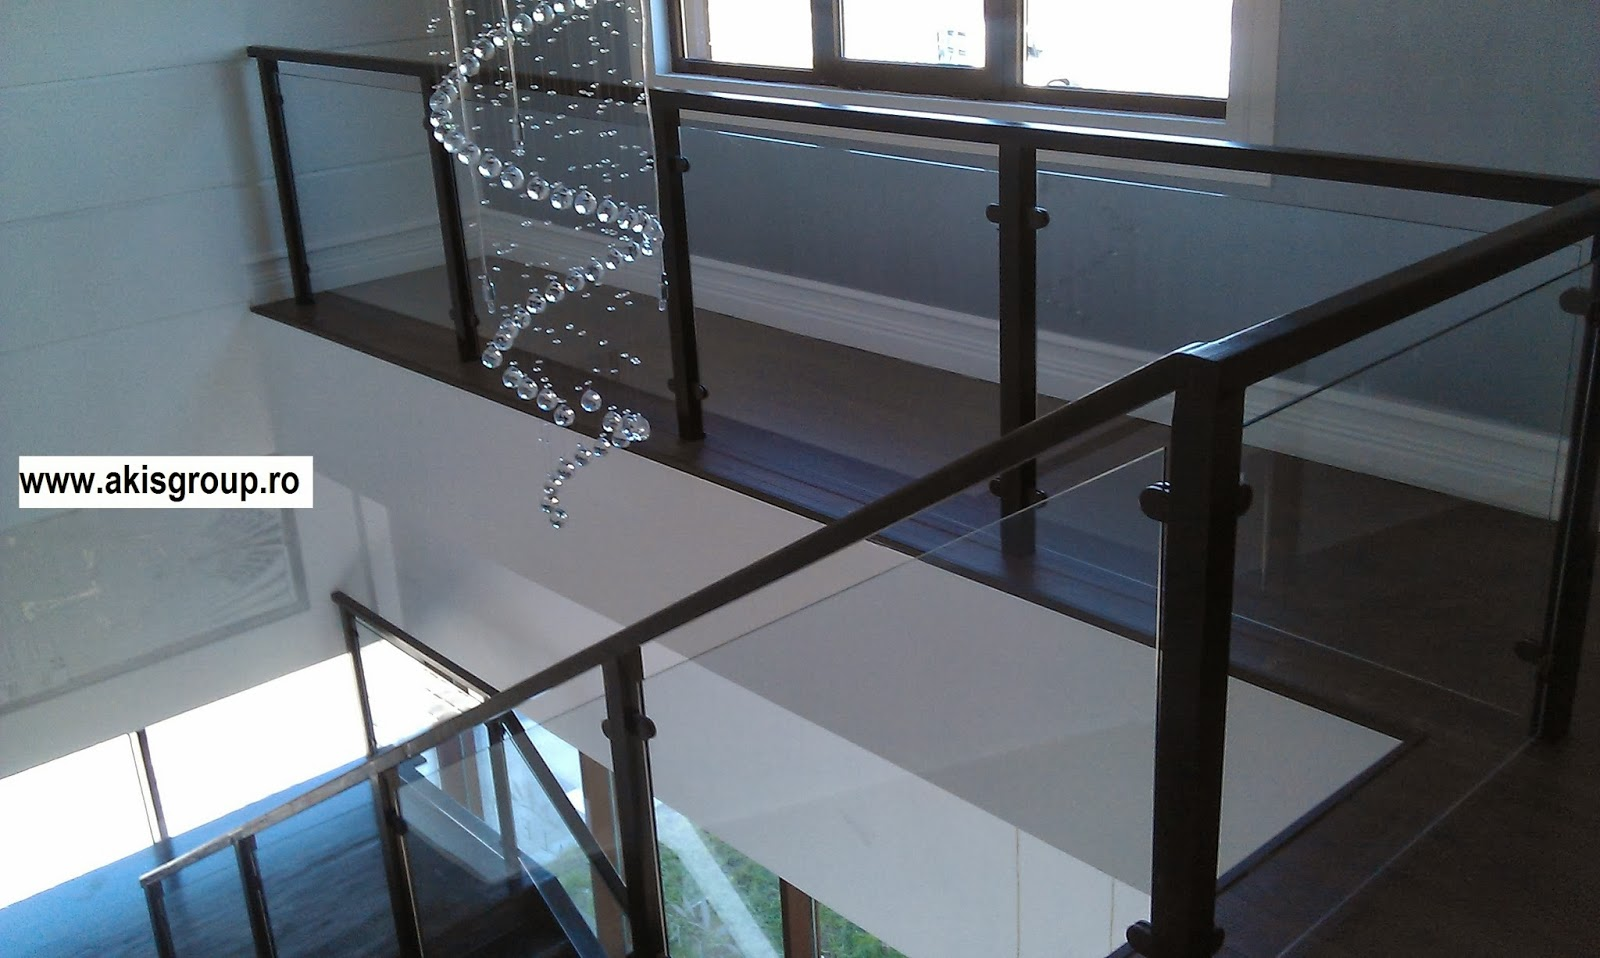 italienische kuchen glas holz edelstahl beste von. Black Bedroom Furniture Sets. Home Design Ideas